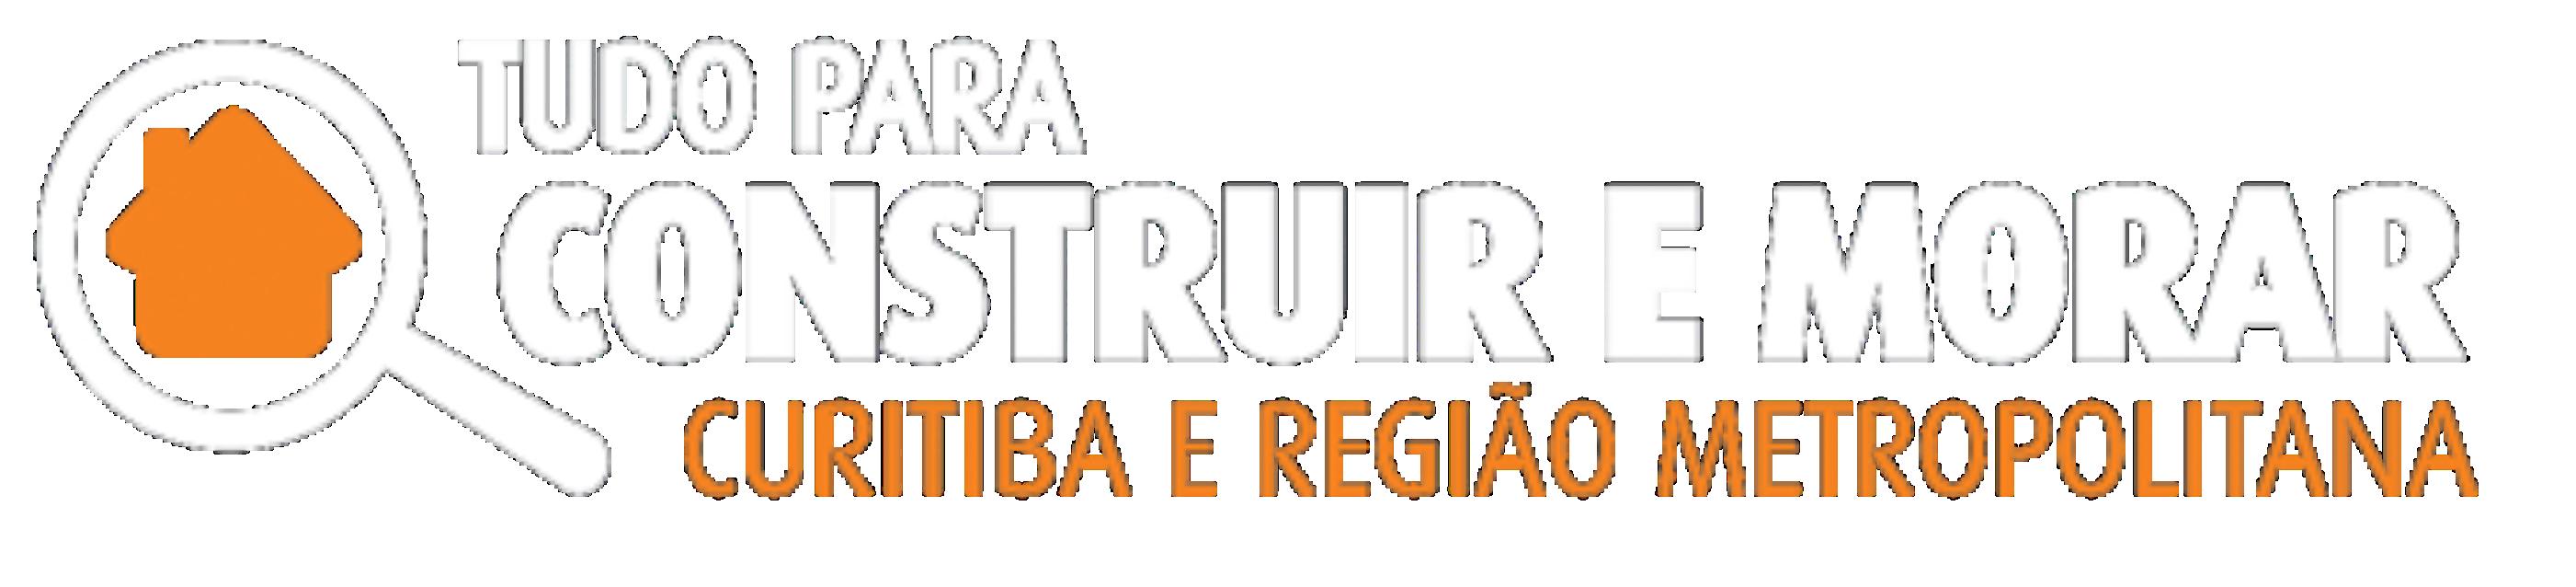 Tudo para Construir e Morar. Seu portal de busca em todo brasil é aqui